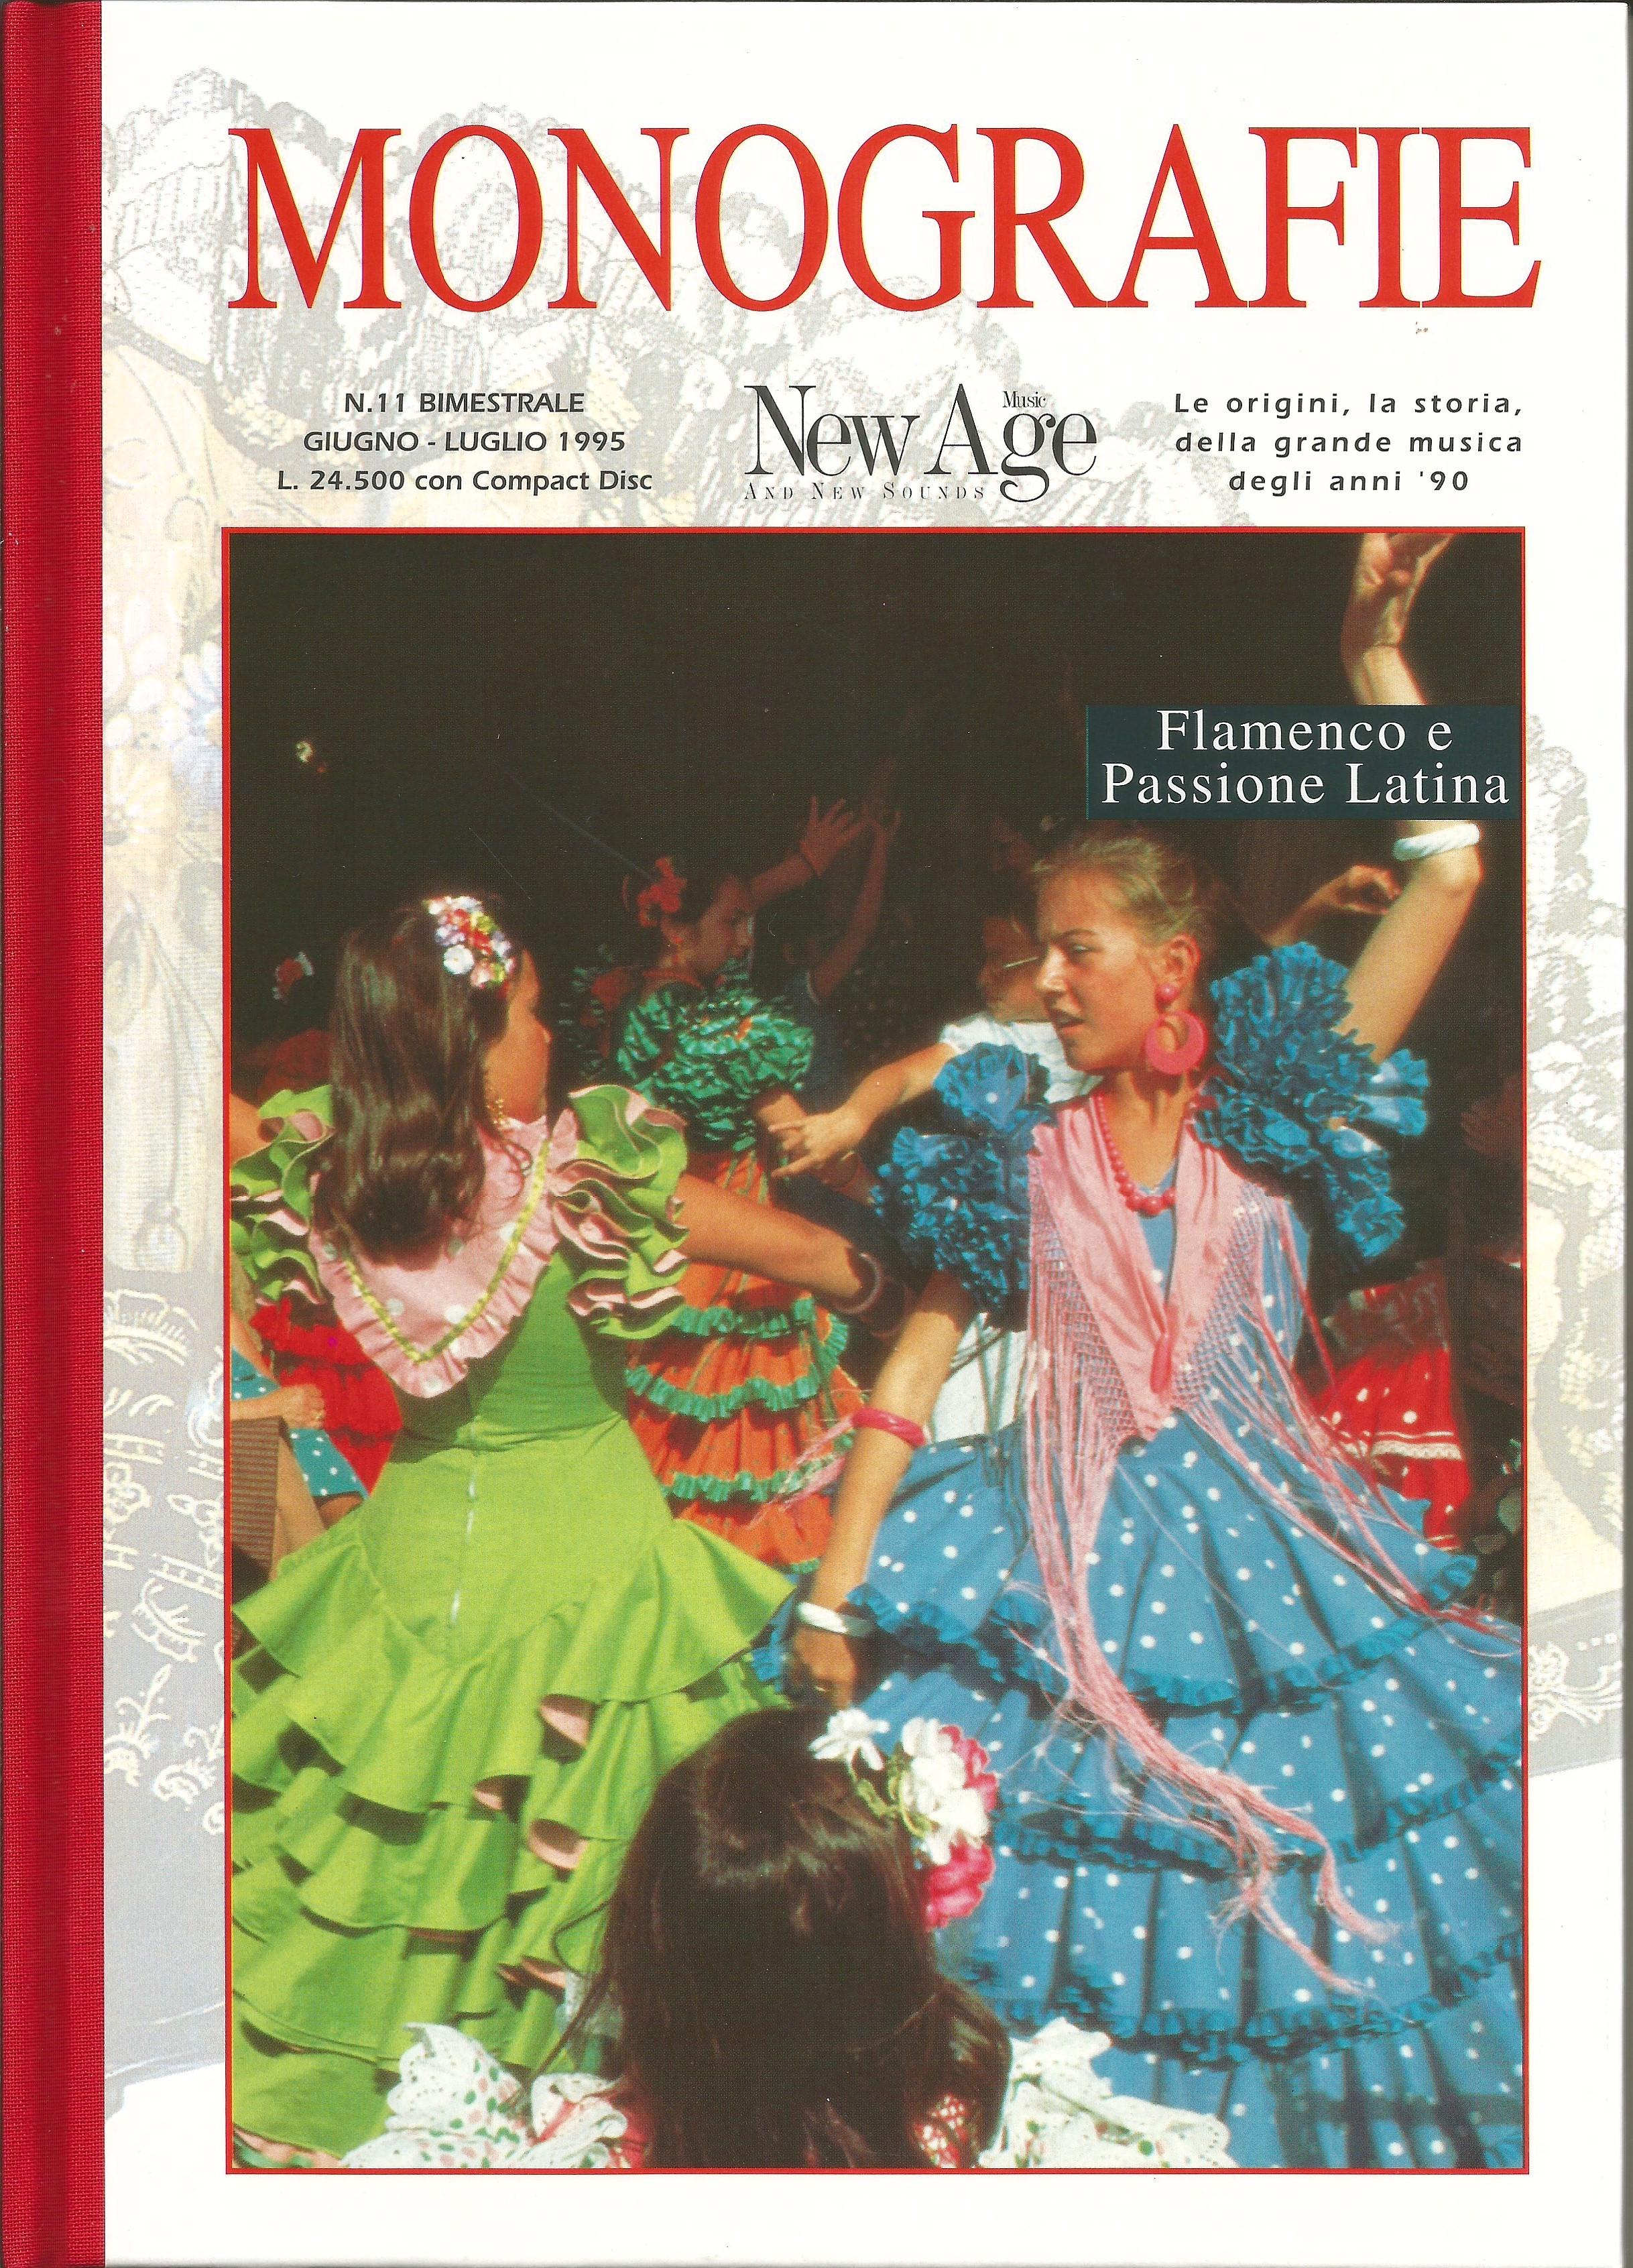 Flamenco e passione latina